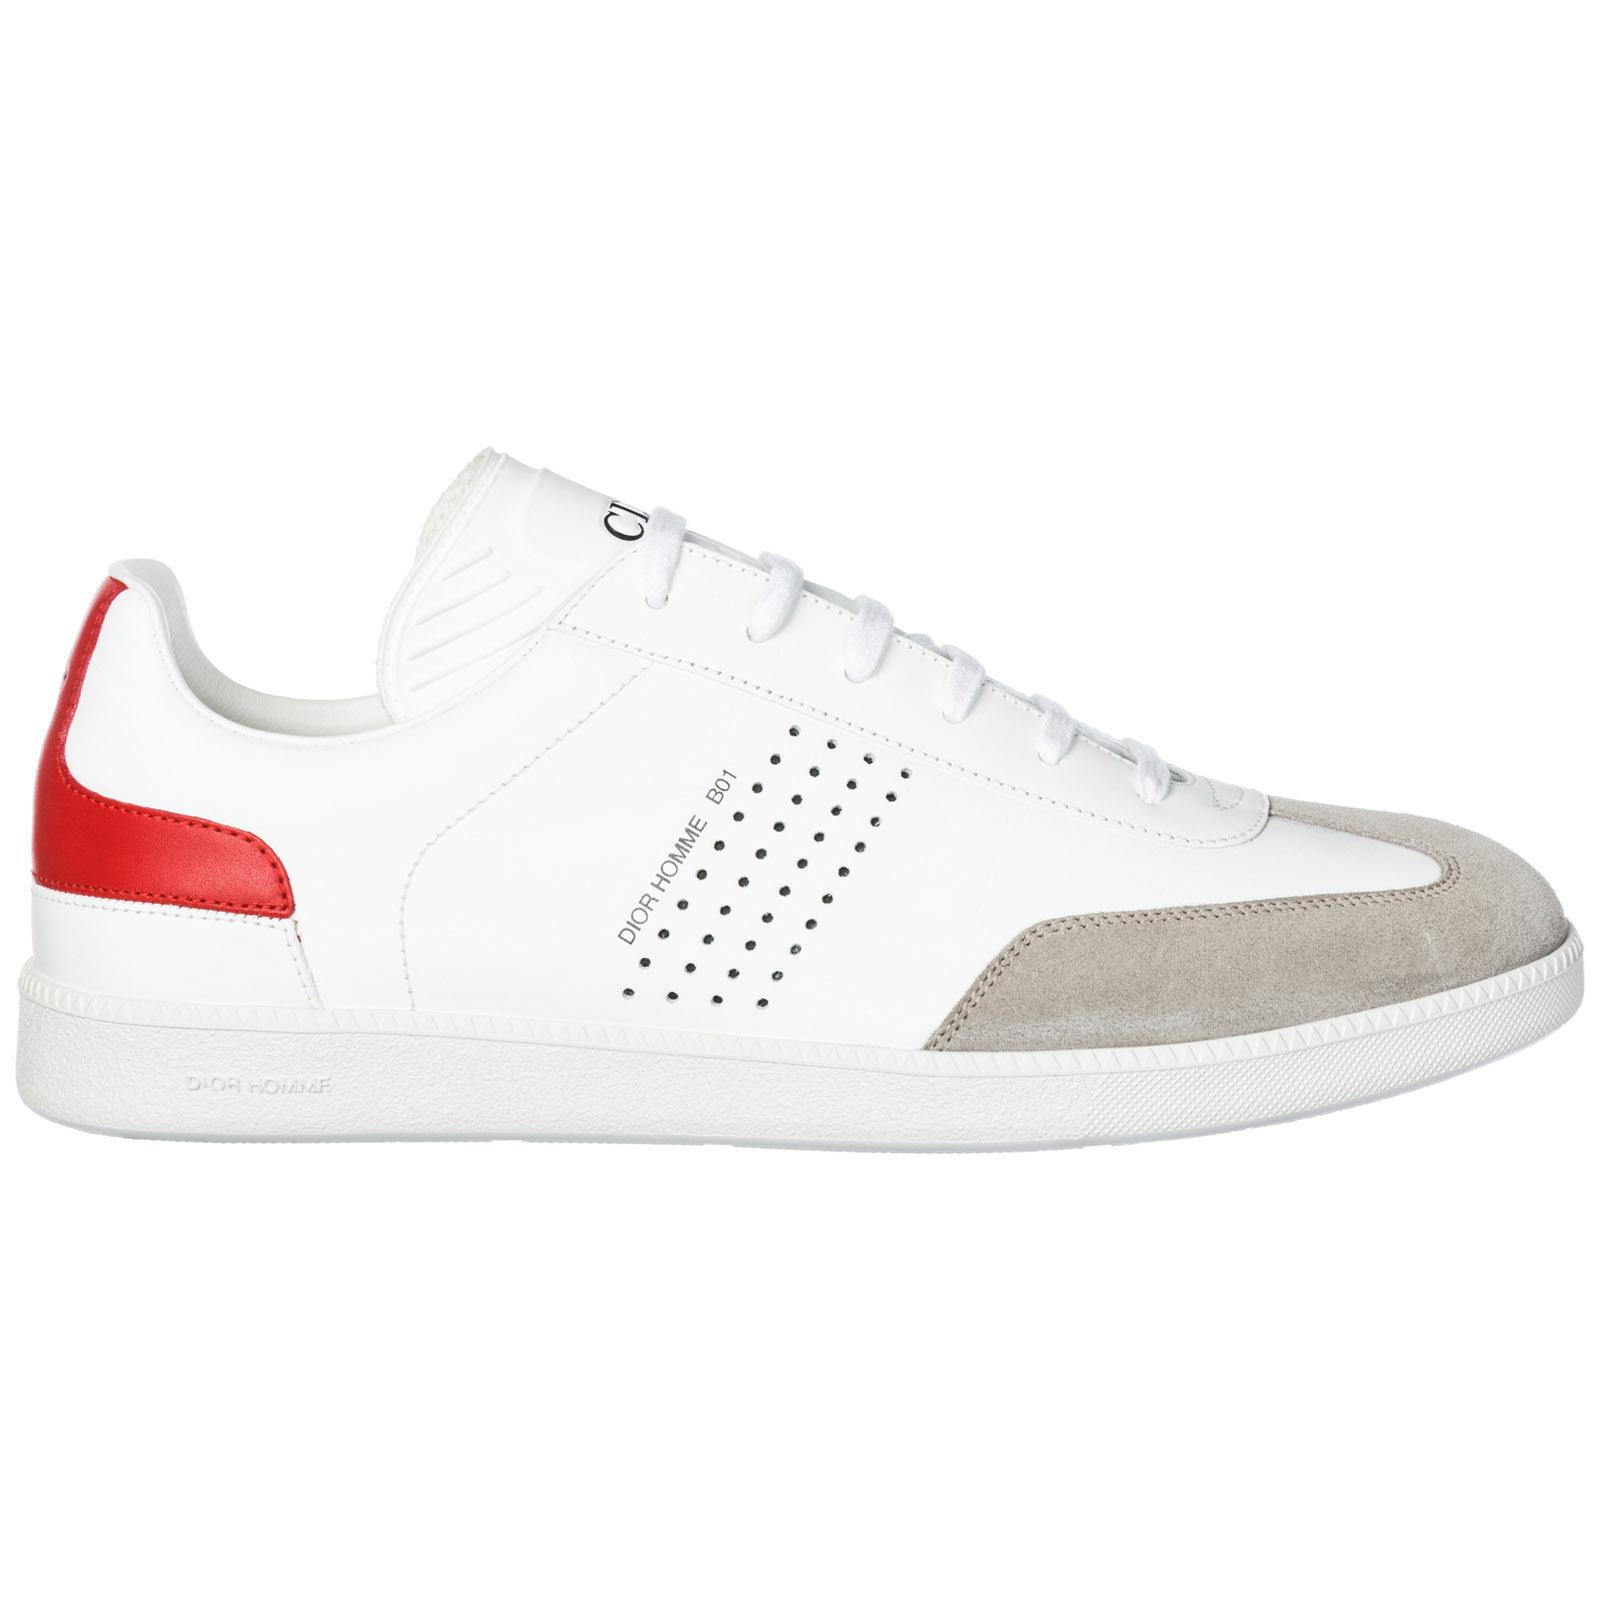 Chaussures baskets sneakers homme en cuir ... 64c6b110d6f